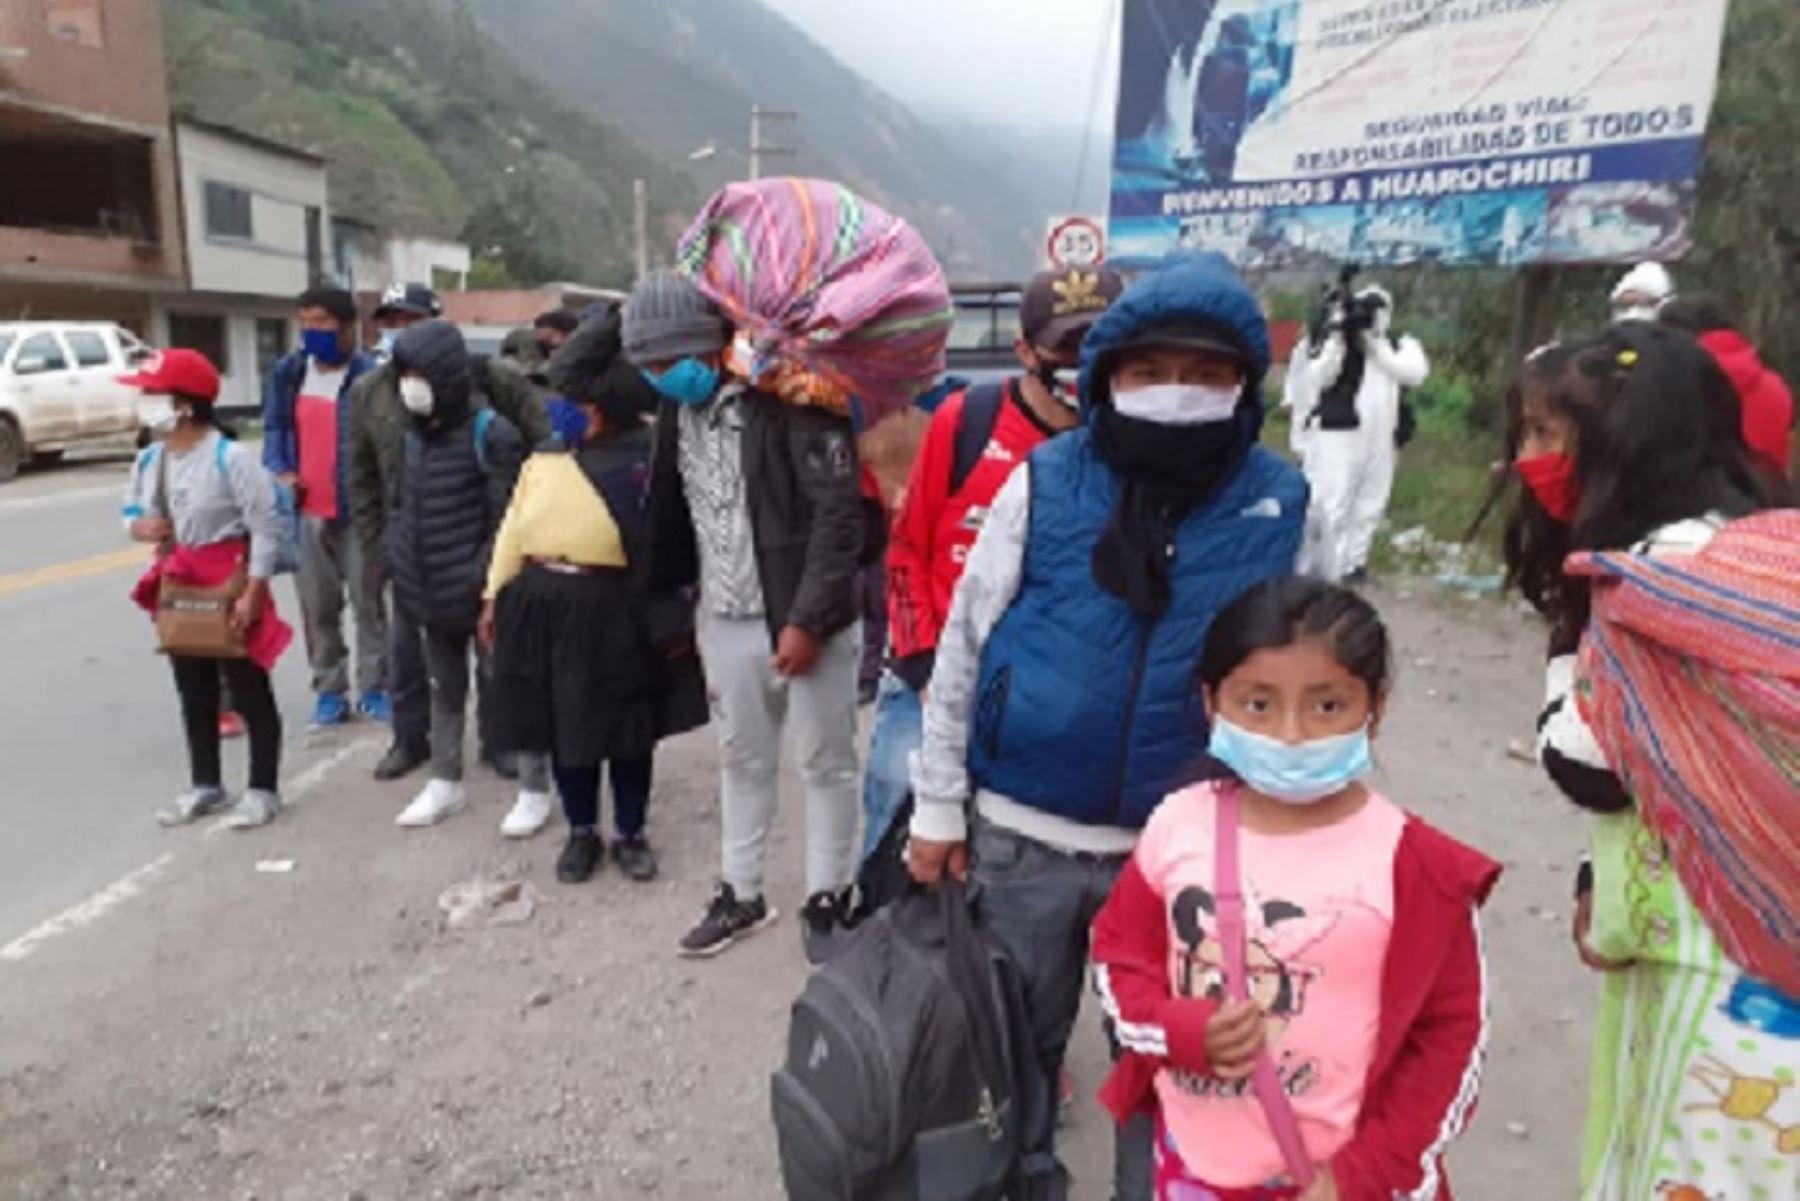 La insostenible situación de los migrantes en Lima